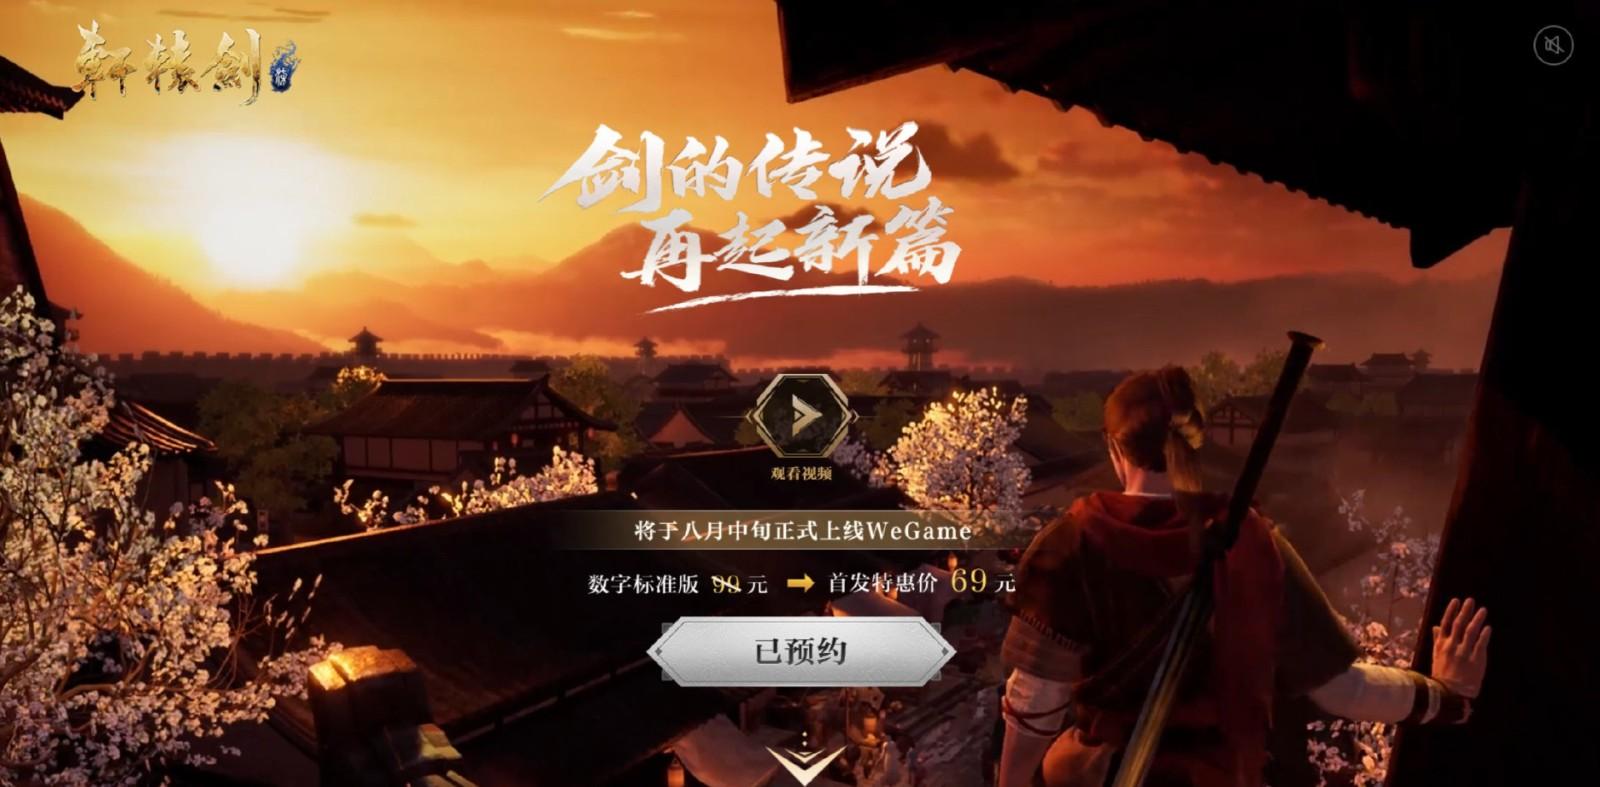 《轩辕剑7》WeGame年度版8月5日推出 仅售69元